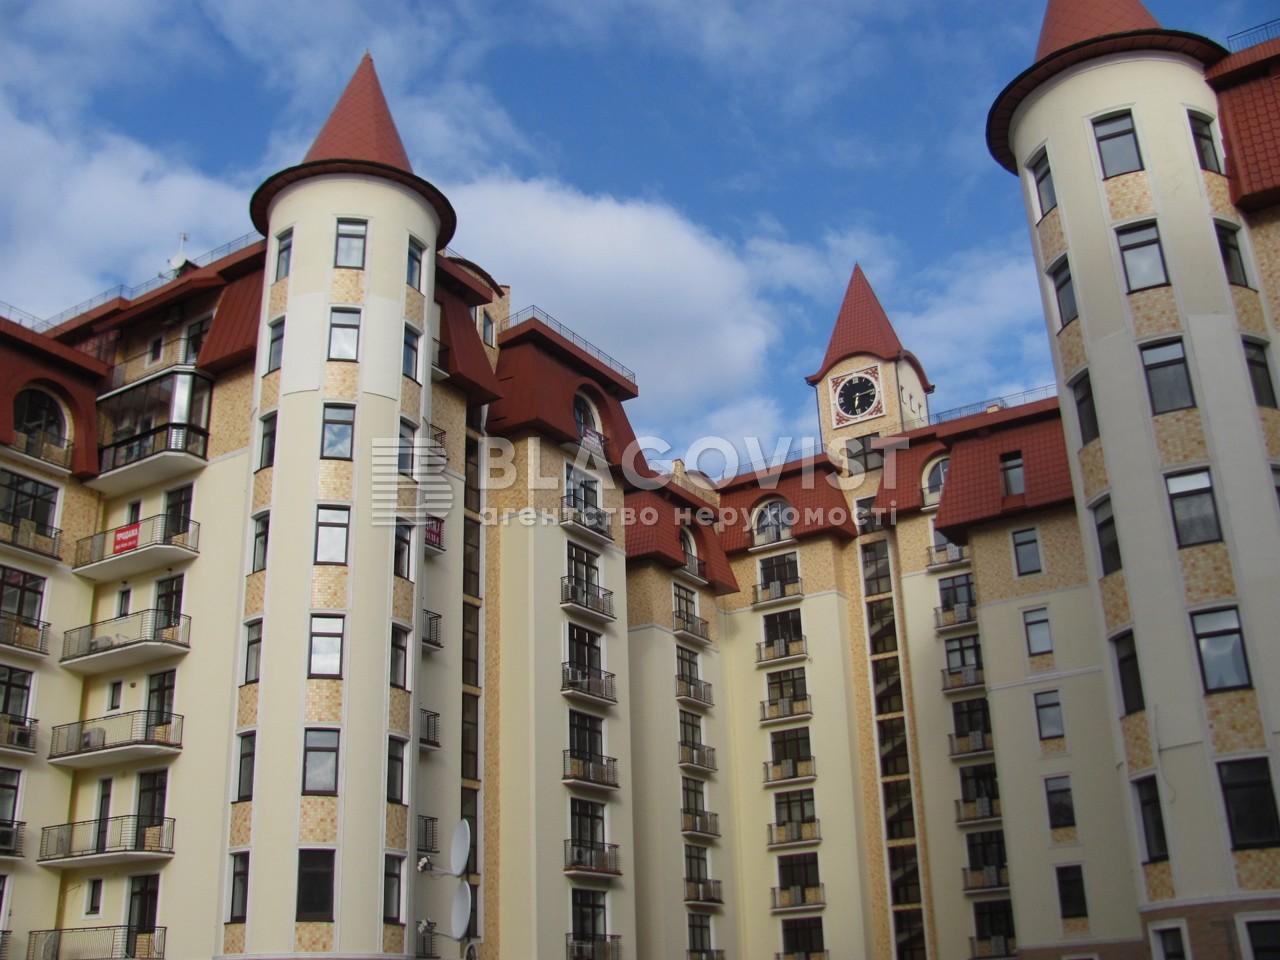 Квартира P-17559, Протасов Яр, 8, Киев - Фото 7